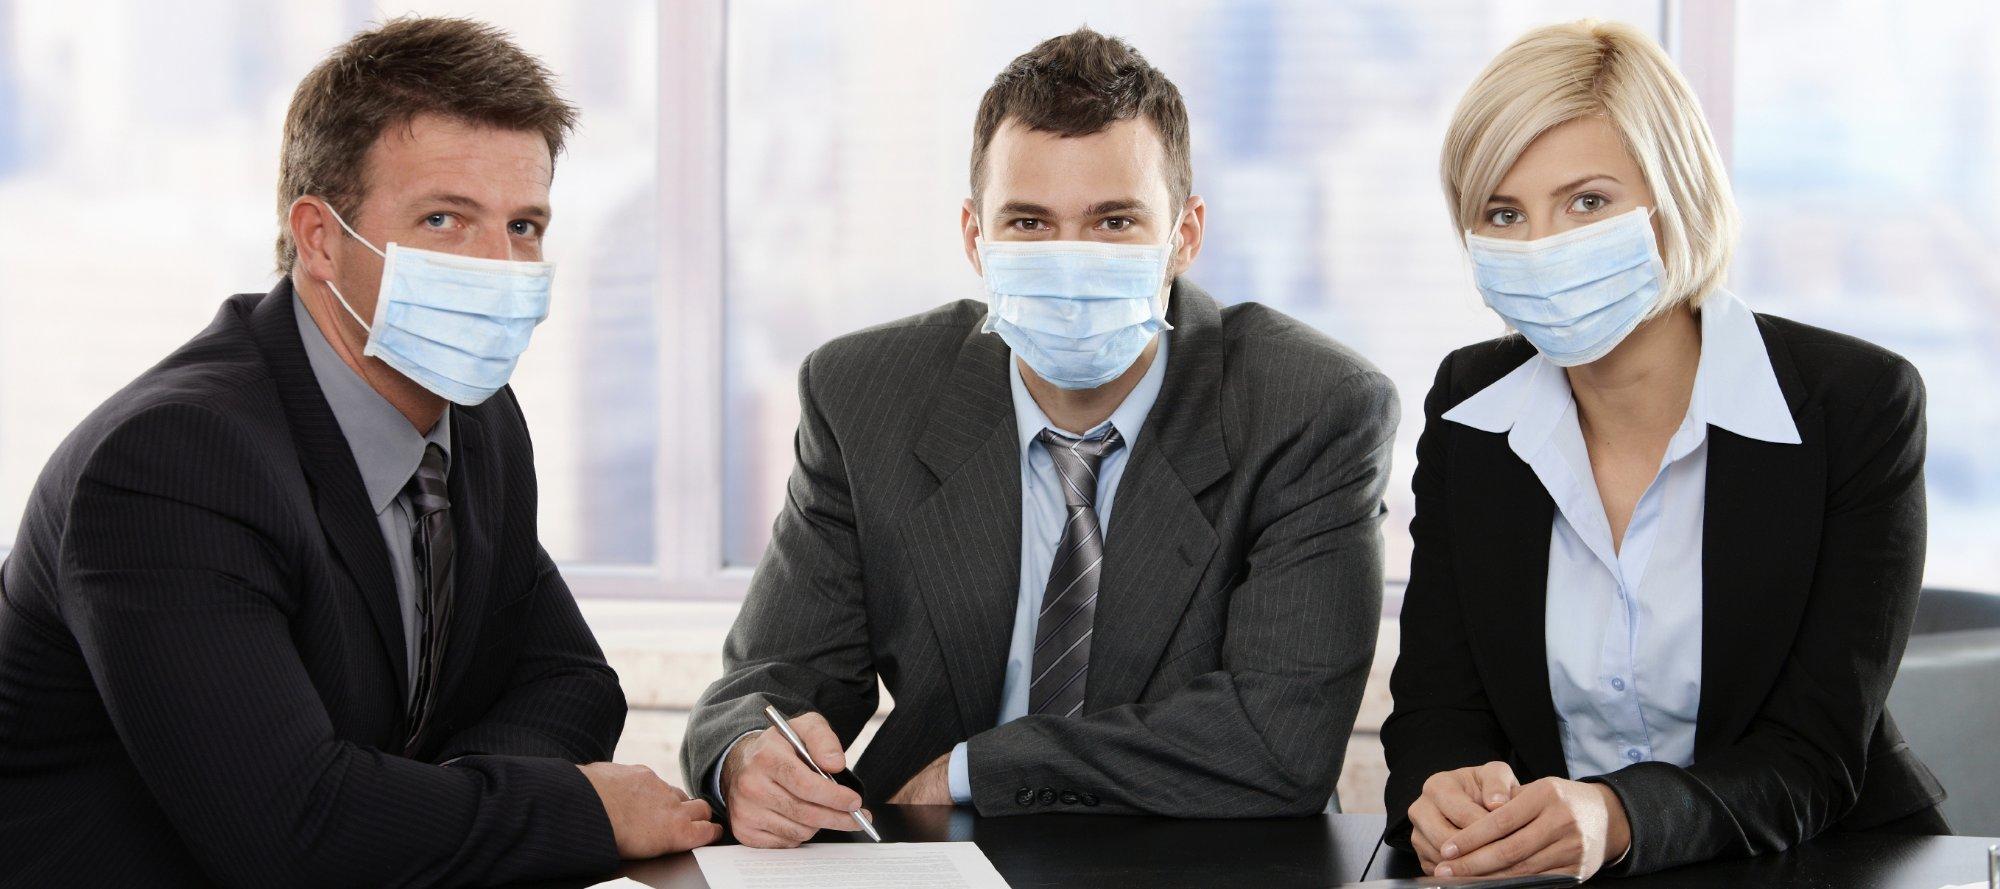 Сотрудники в масках